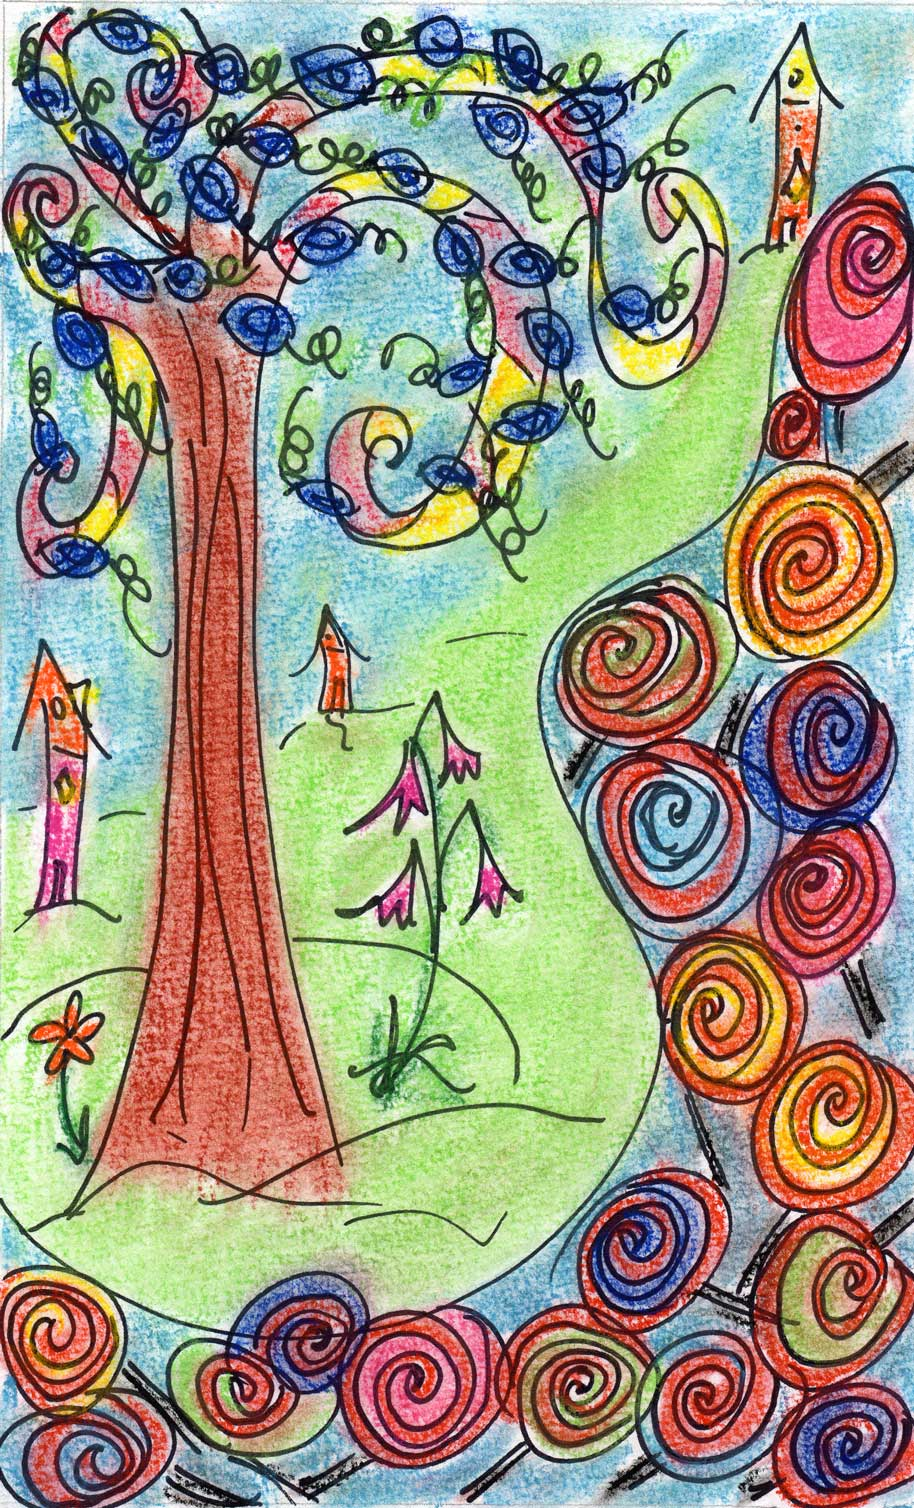 Poem of the Week: The Sugar-Plum Tree